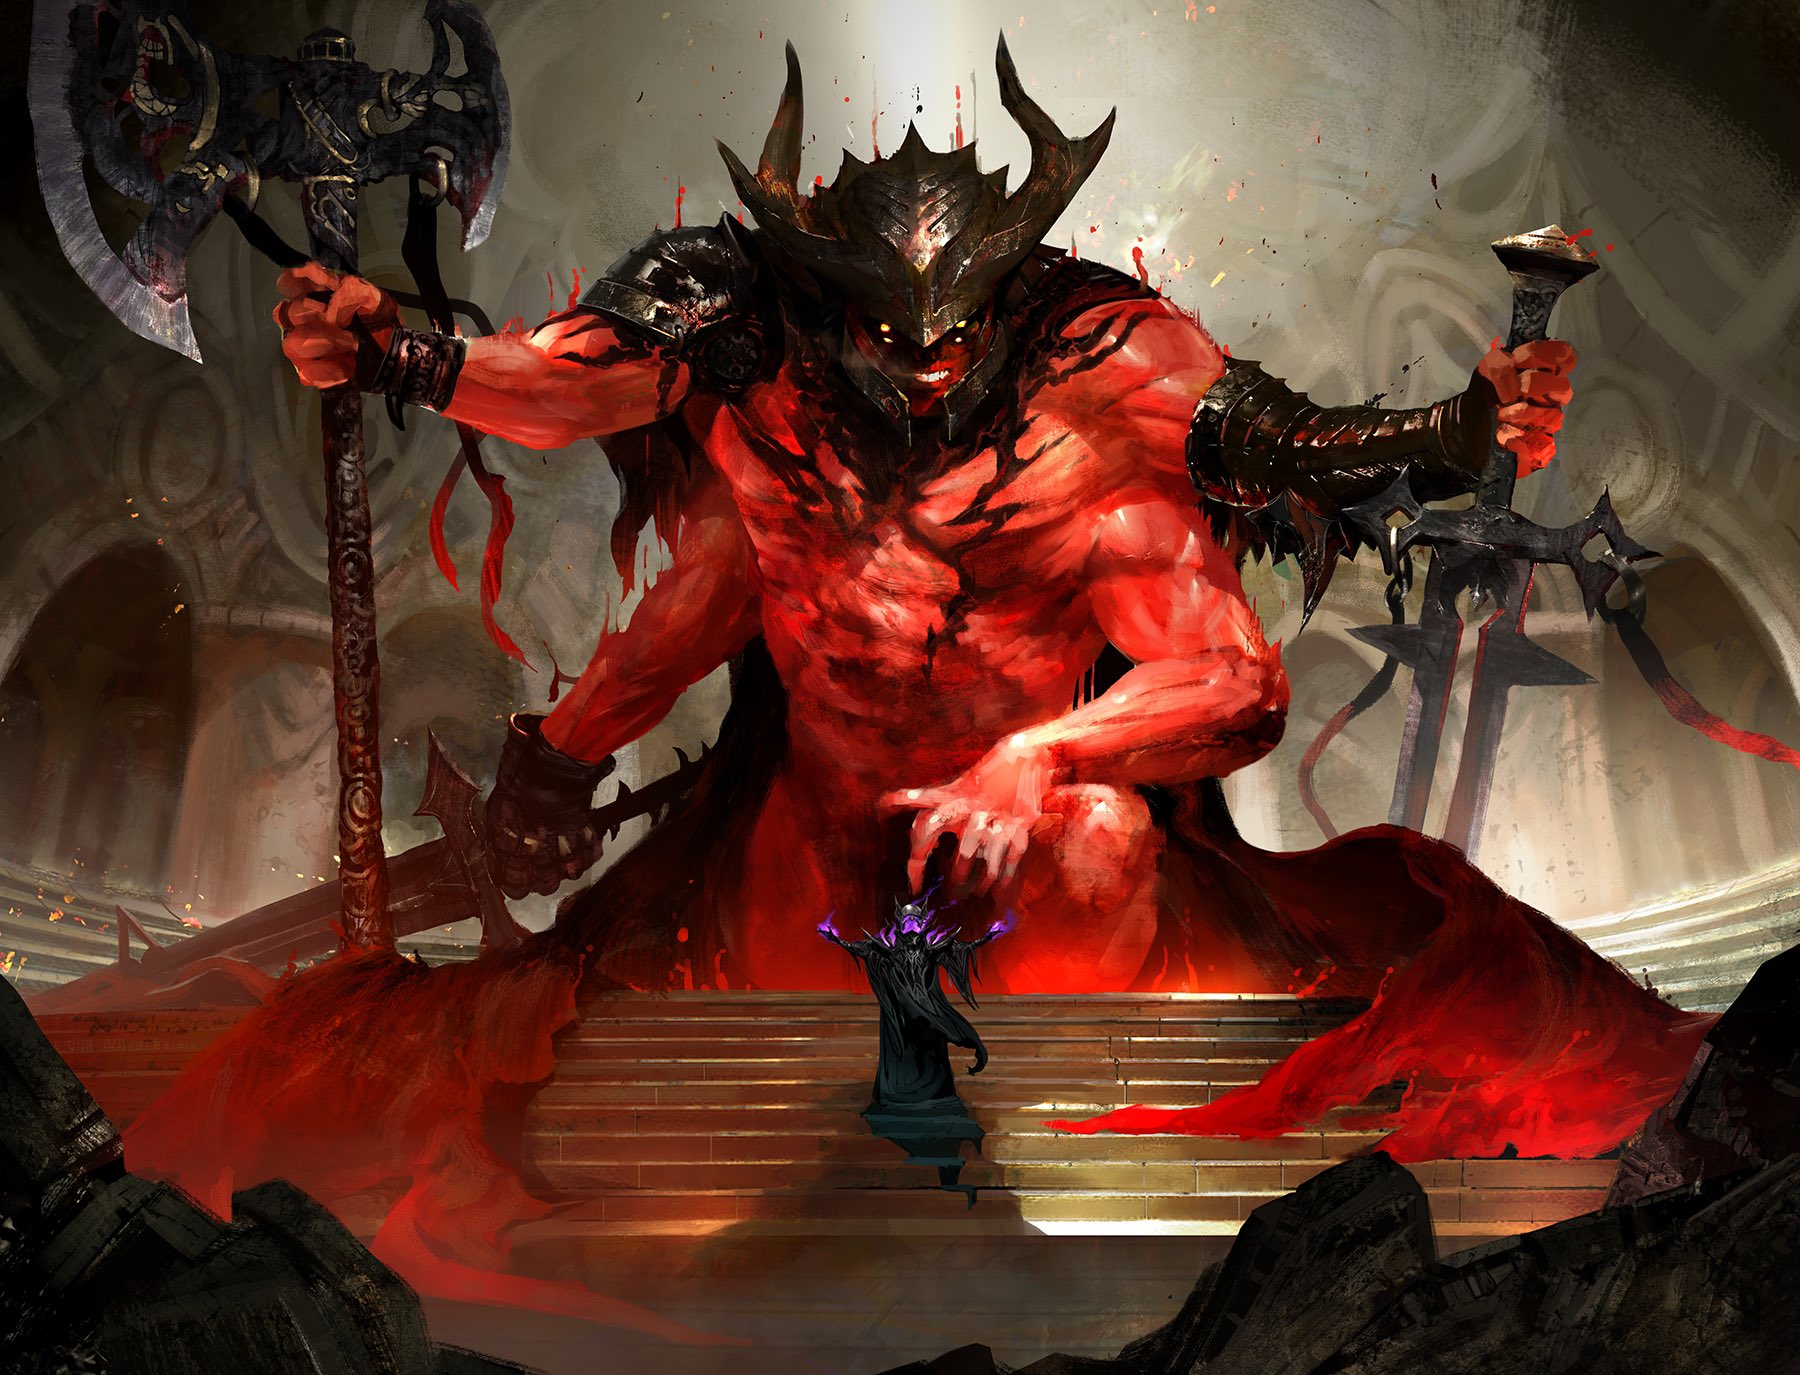 Awaken the Blood Avatar Art by Kekai Kotaki